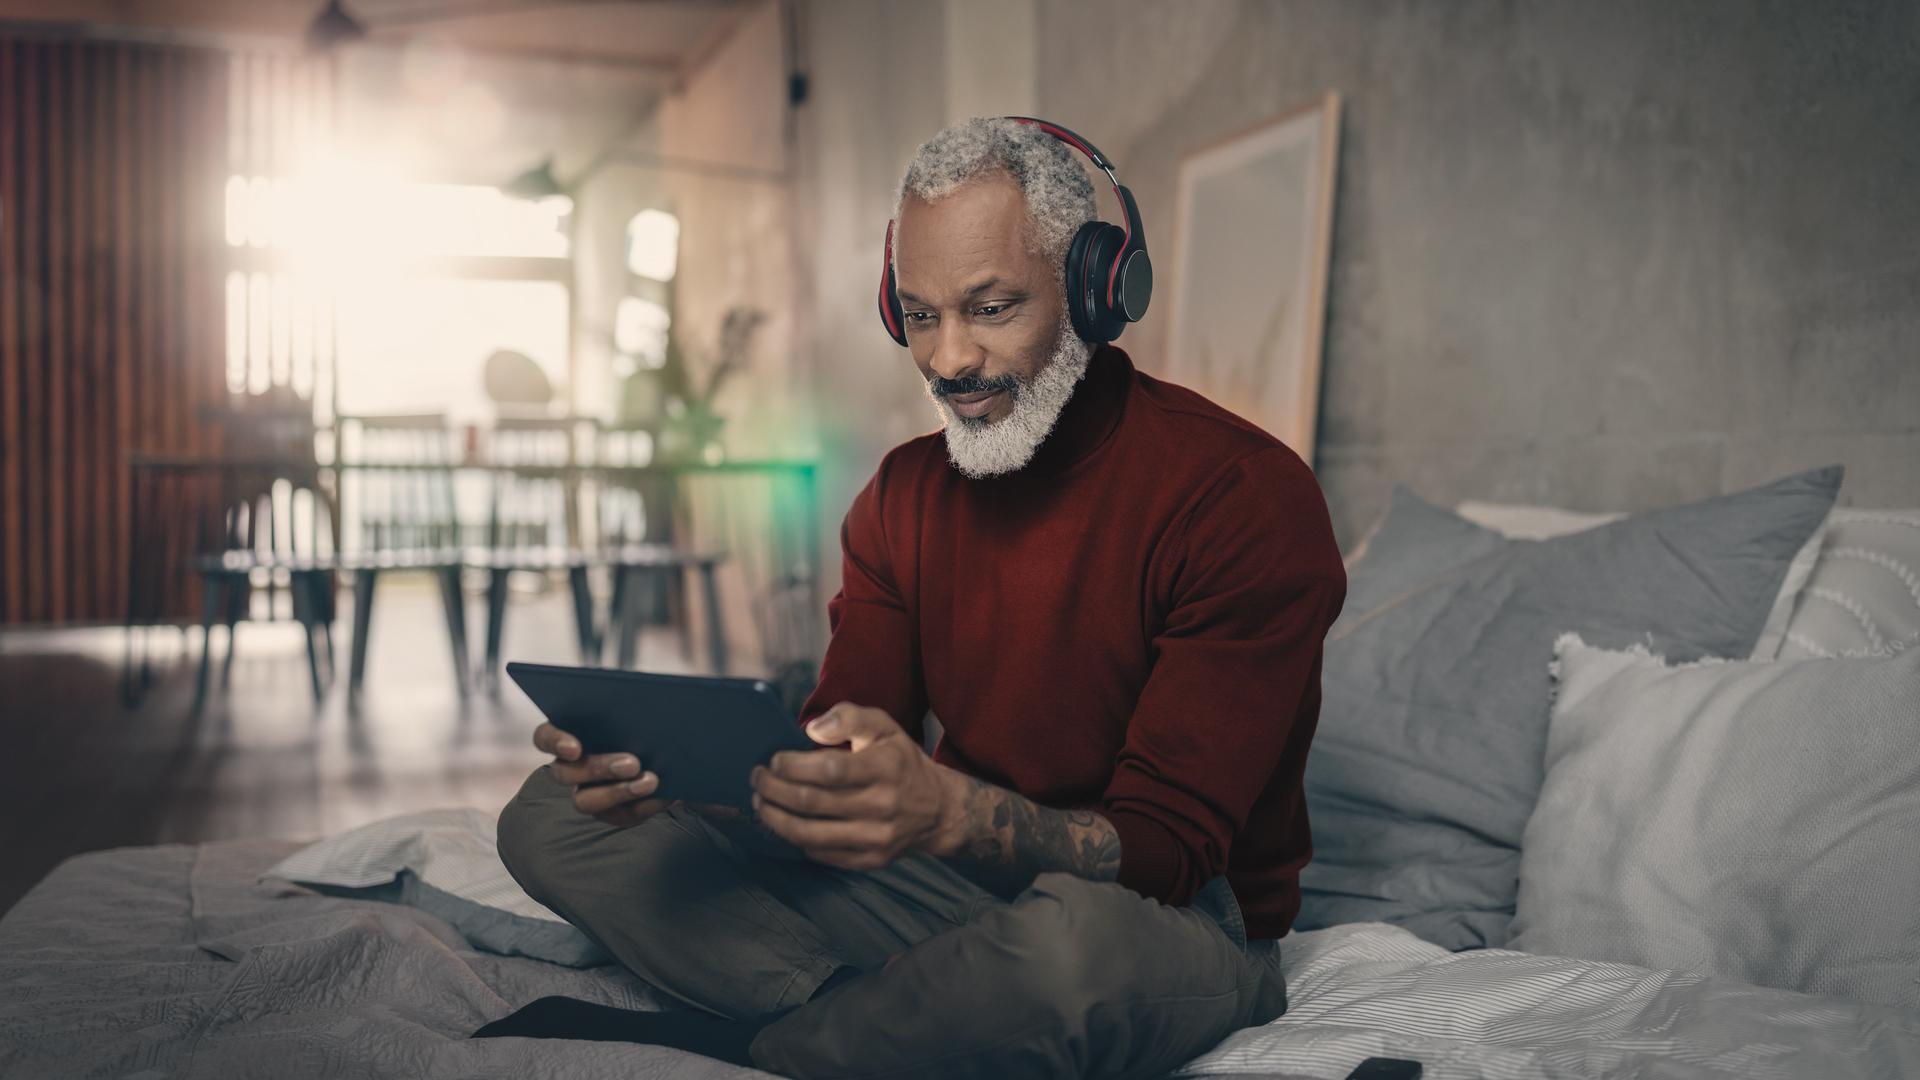 Ein Mann sitzt mit Kopfhörern und seinem Tablet auf dem Bett.